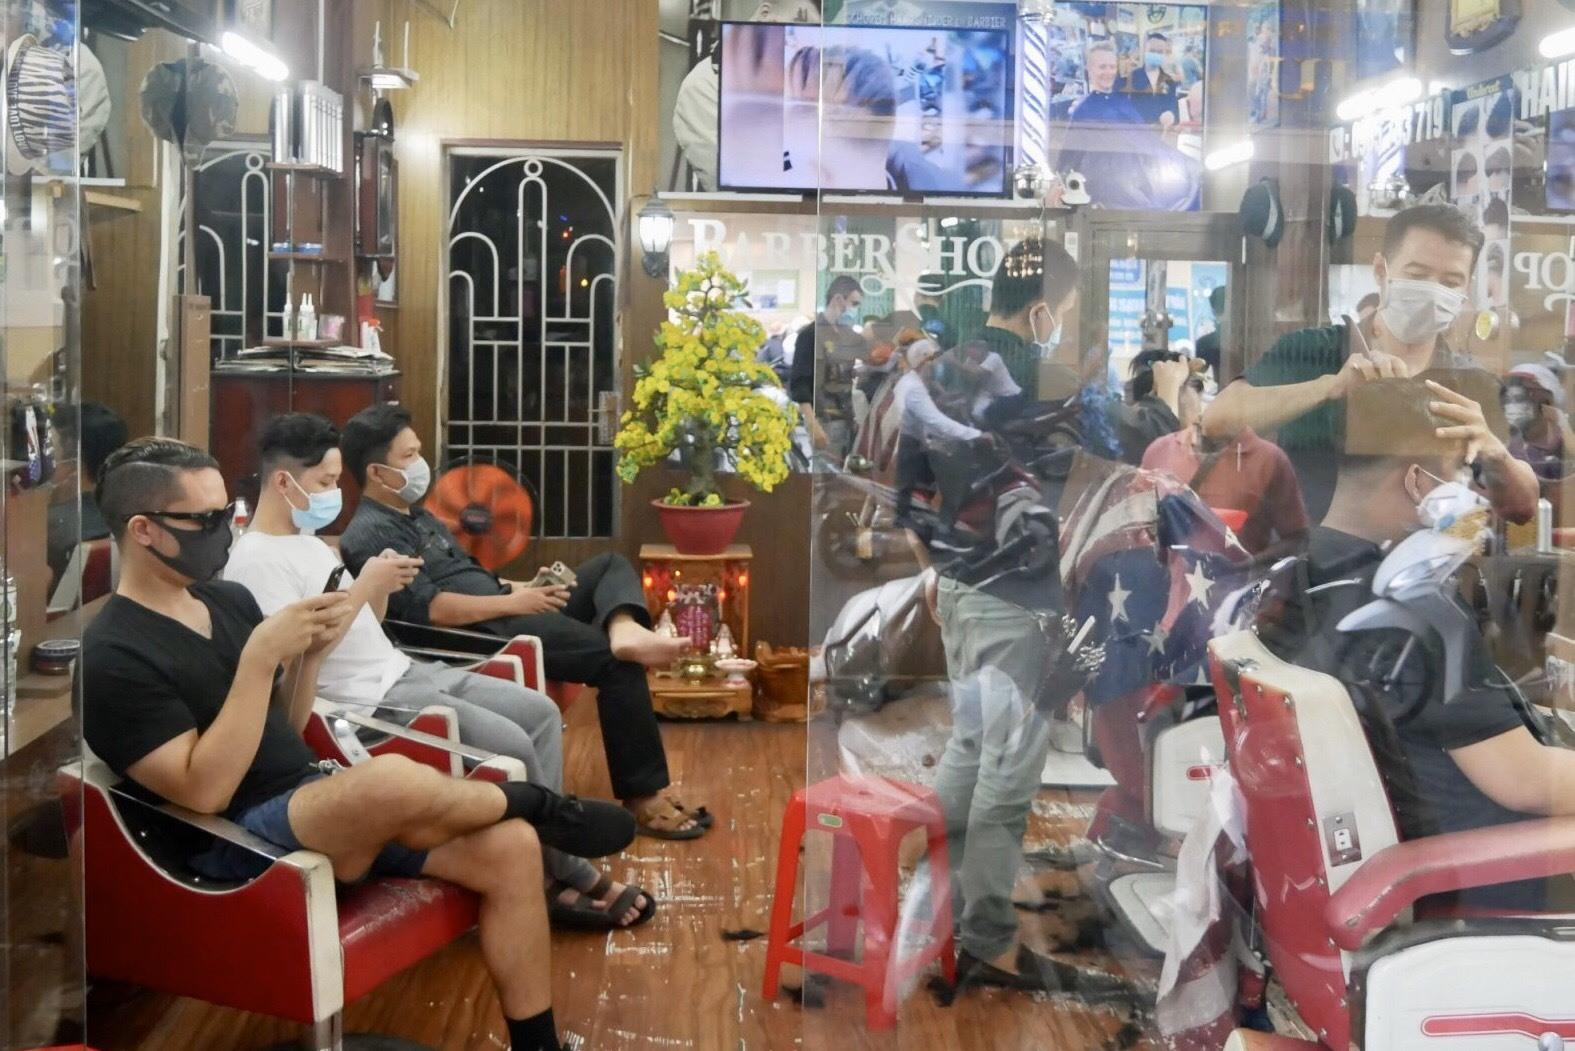 Ông Ngọc cho biết thời gian qua, tiệm hàu như không có khách. Tuy nhiên nhiên sau khi có chỉ đao từ UBND thành phố, khách tới tiệm rất đông để cắt tóc. Nhân viên phải làm việc hết công suất để phục vụ những lượt khách cuối cùng trong ngày trước giờ tạm đóng cửa.